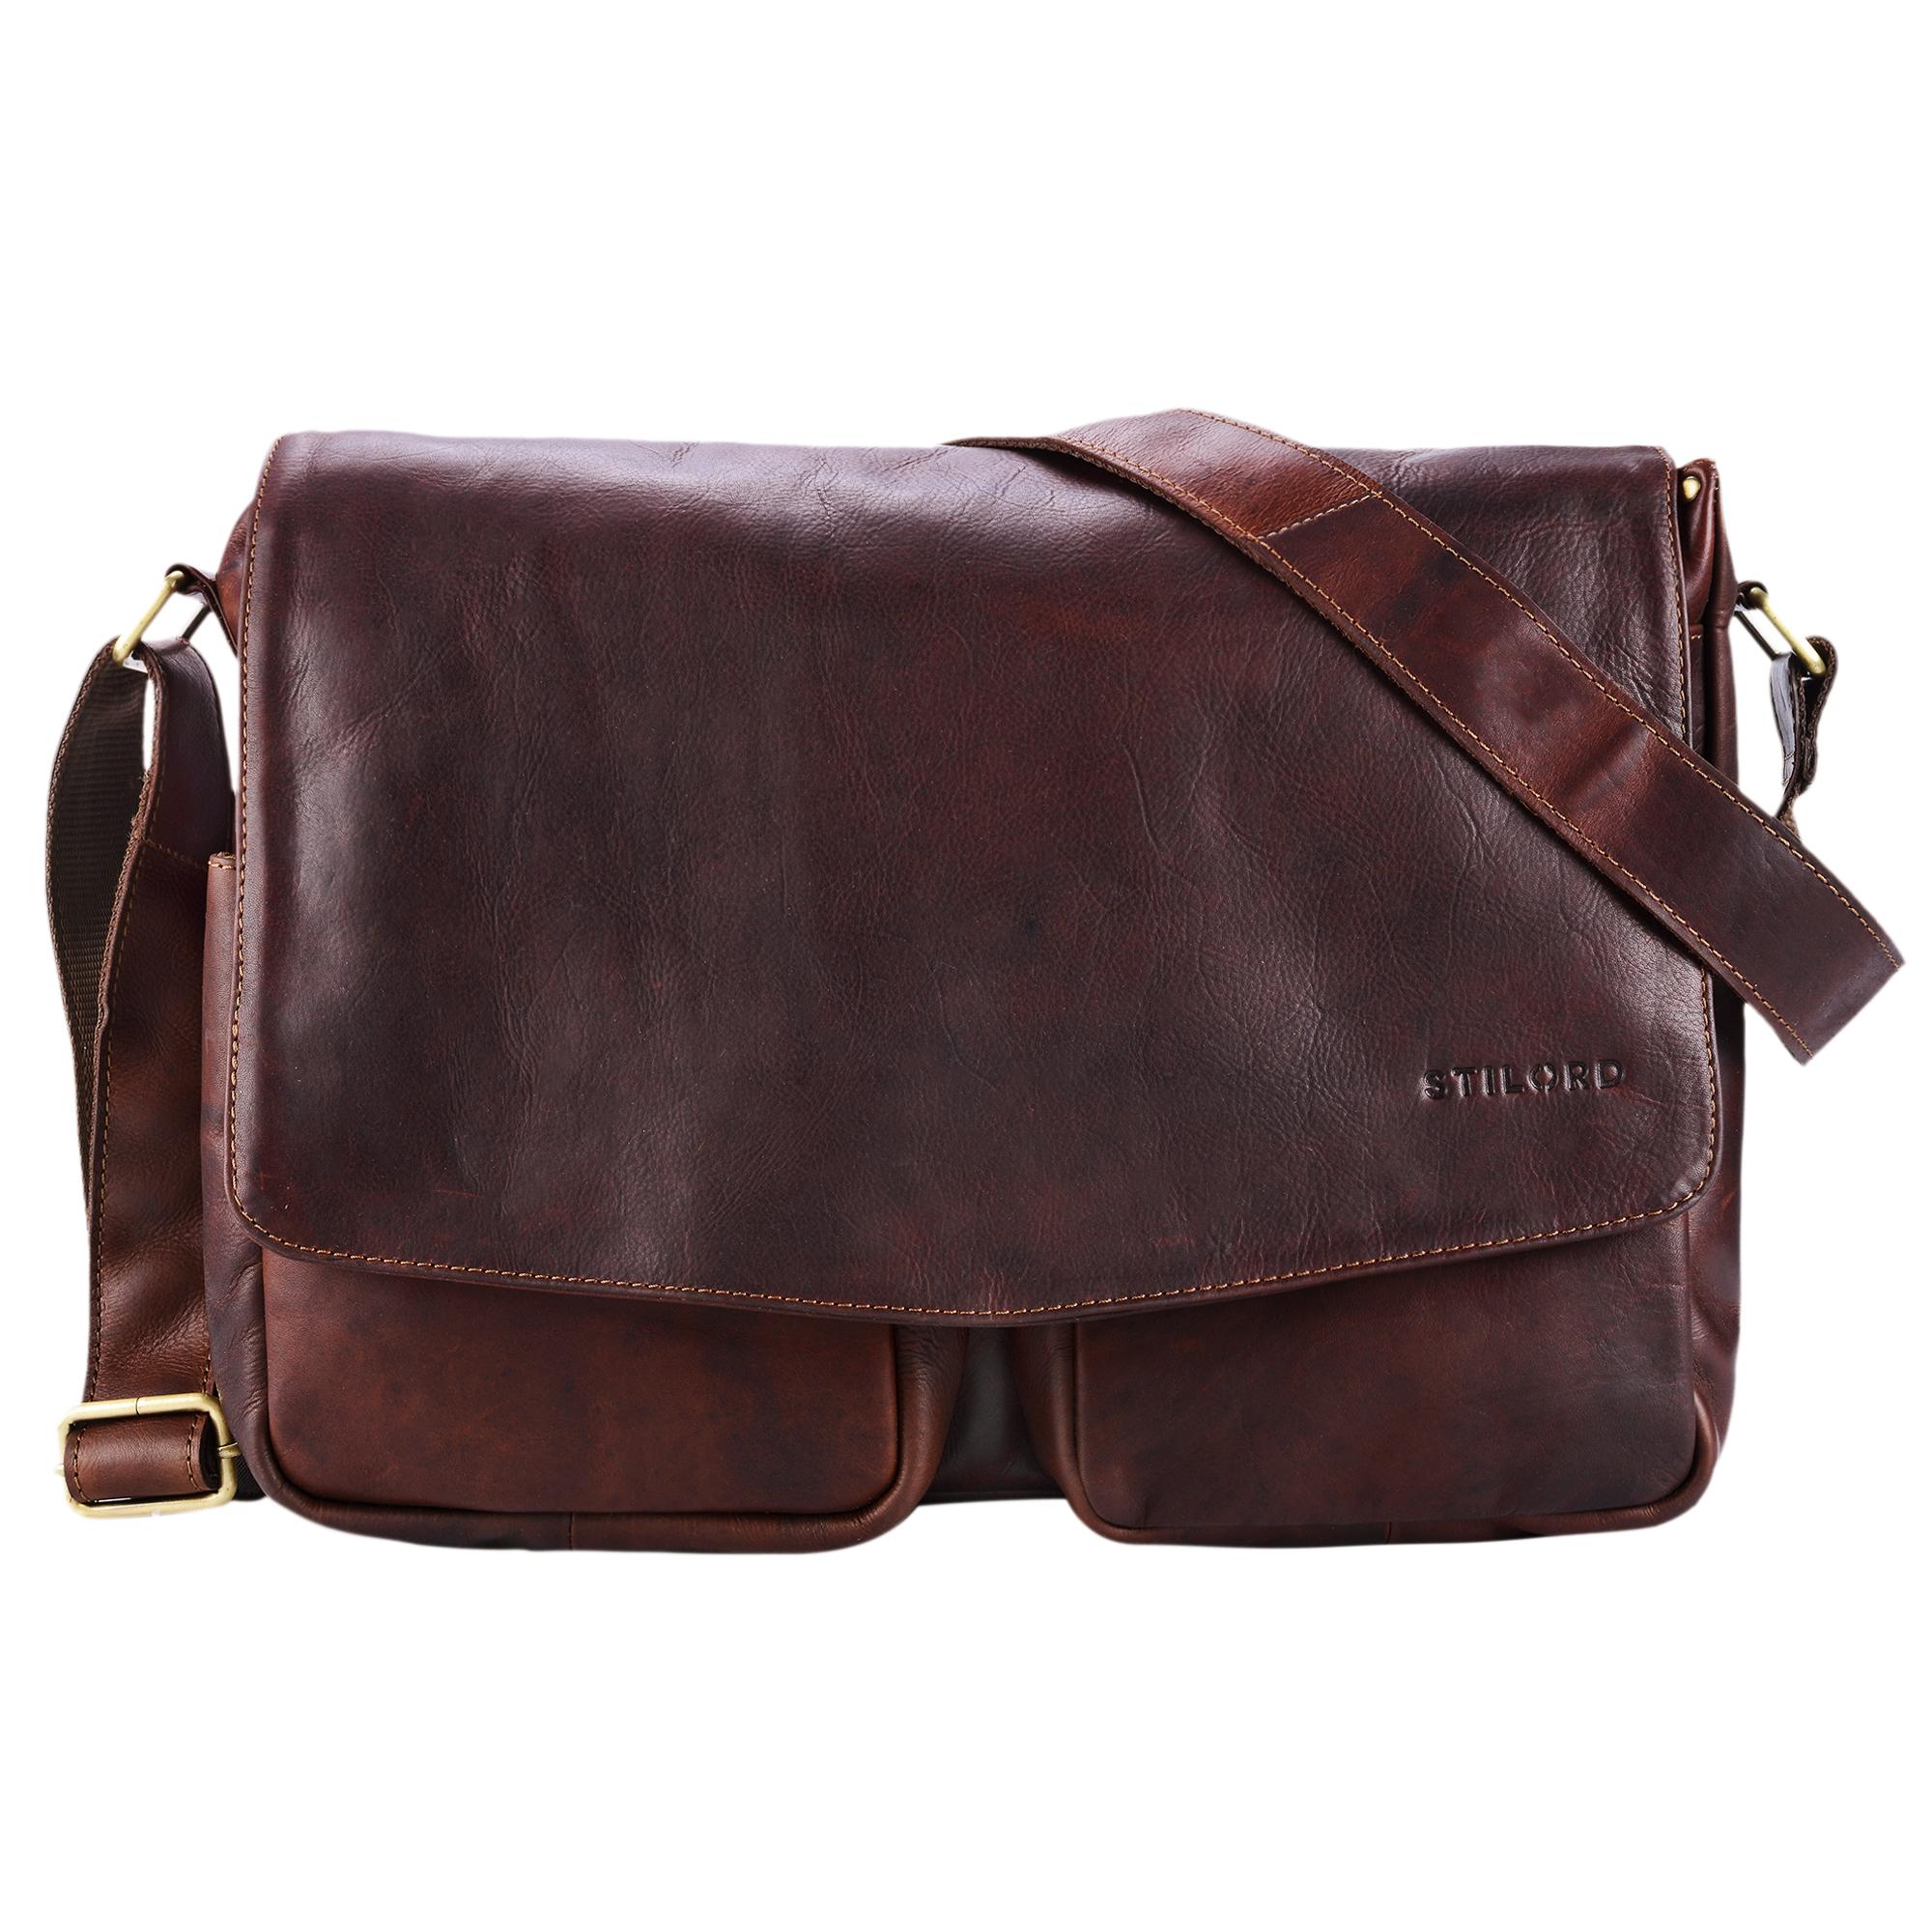 """STILORD """"Leonardo"""" Herren Ledertasche Umhängetasche Vintage große Businesstasche für Büro Arbeit Uni mit 15.6 Zoll Laptopfach aus echtem Büffel Leder - Bild 10"""